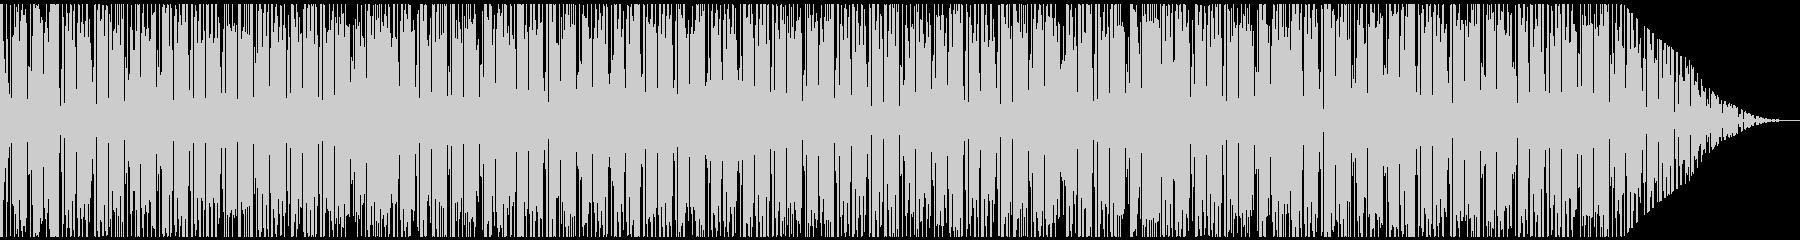 トロピカルな雰囲気のレゲエBGMの未再生の波形